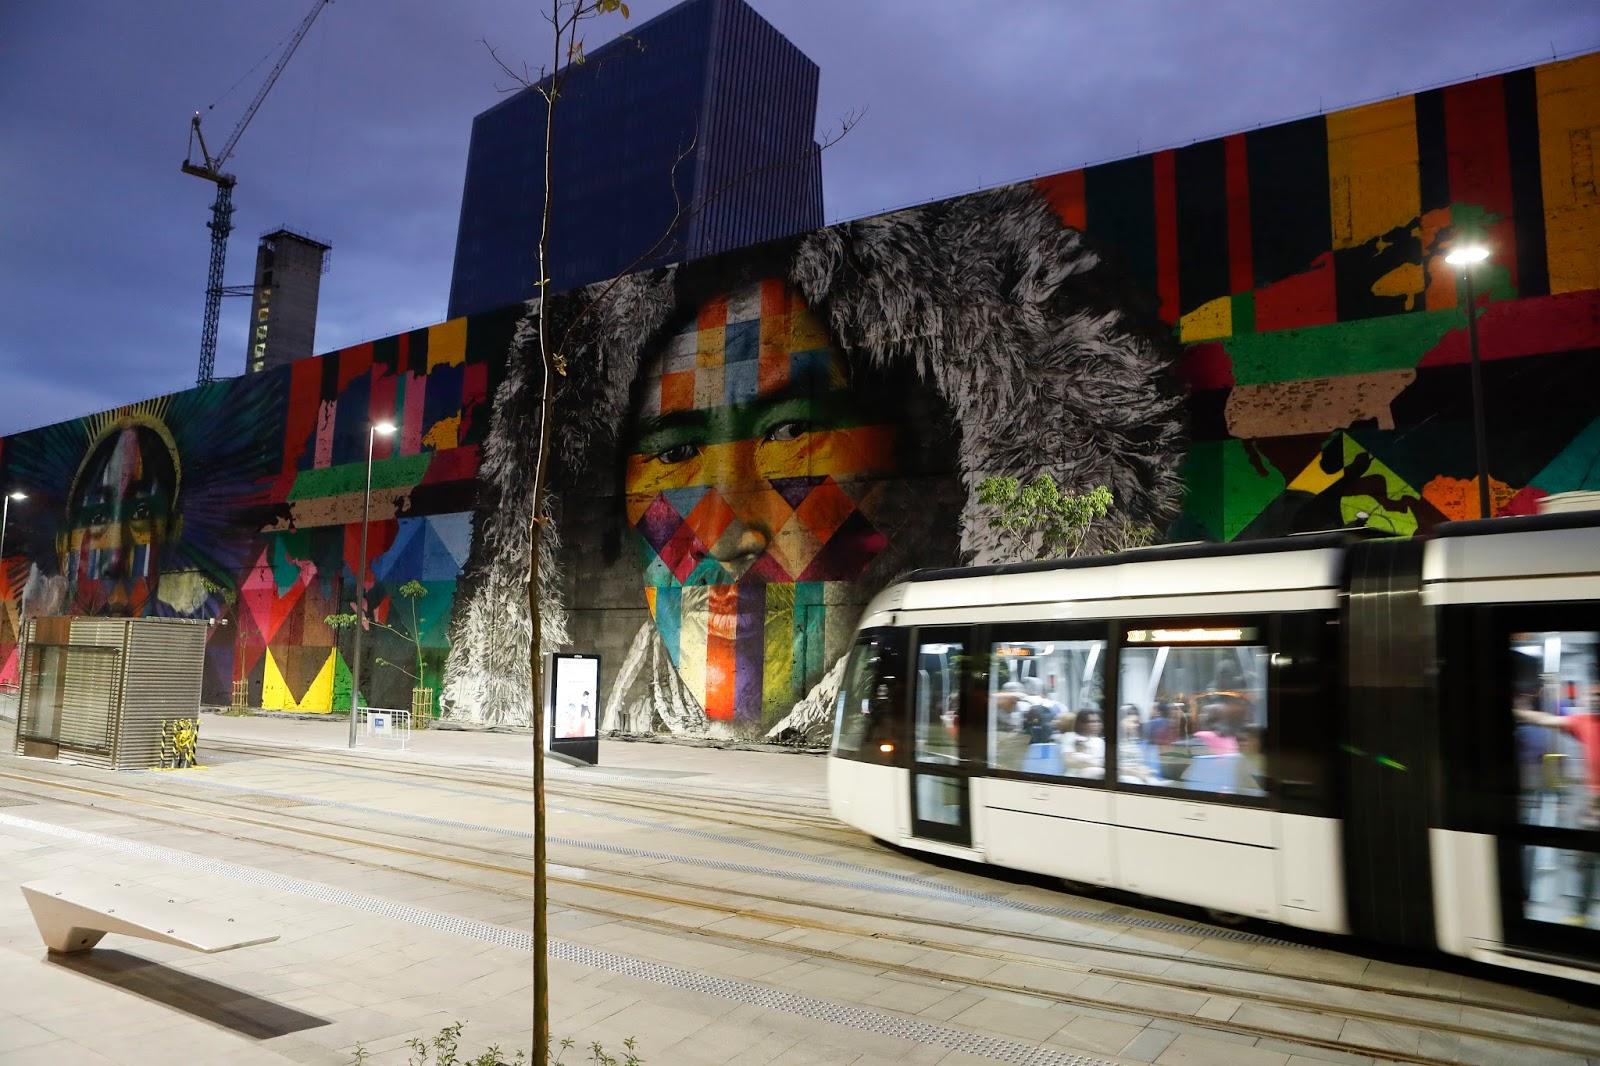 murales-più-grande-mondo-eduardo-kobra-las-etnias-rio-de-janeiro-10